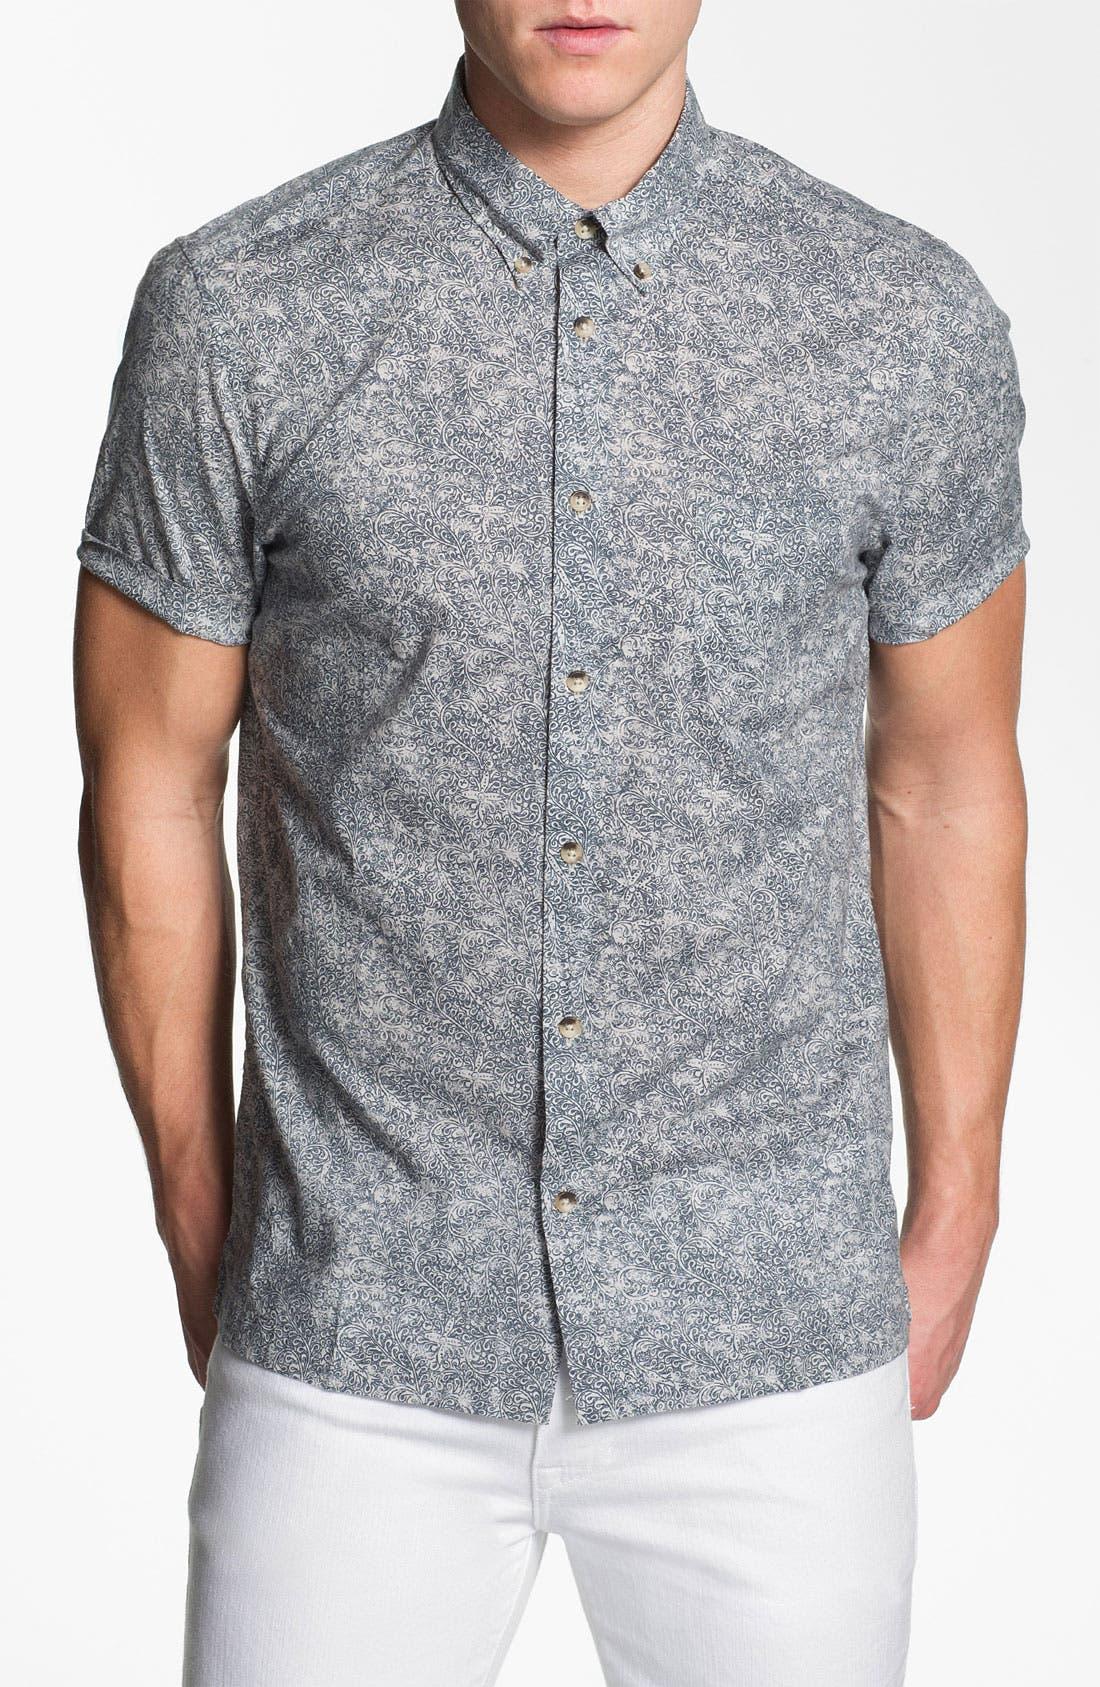 Main Image - PLECTRUM by Ben Sherman Print Woven Shirt